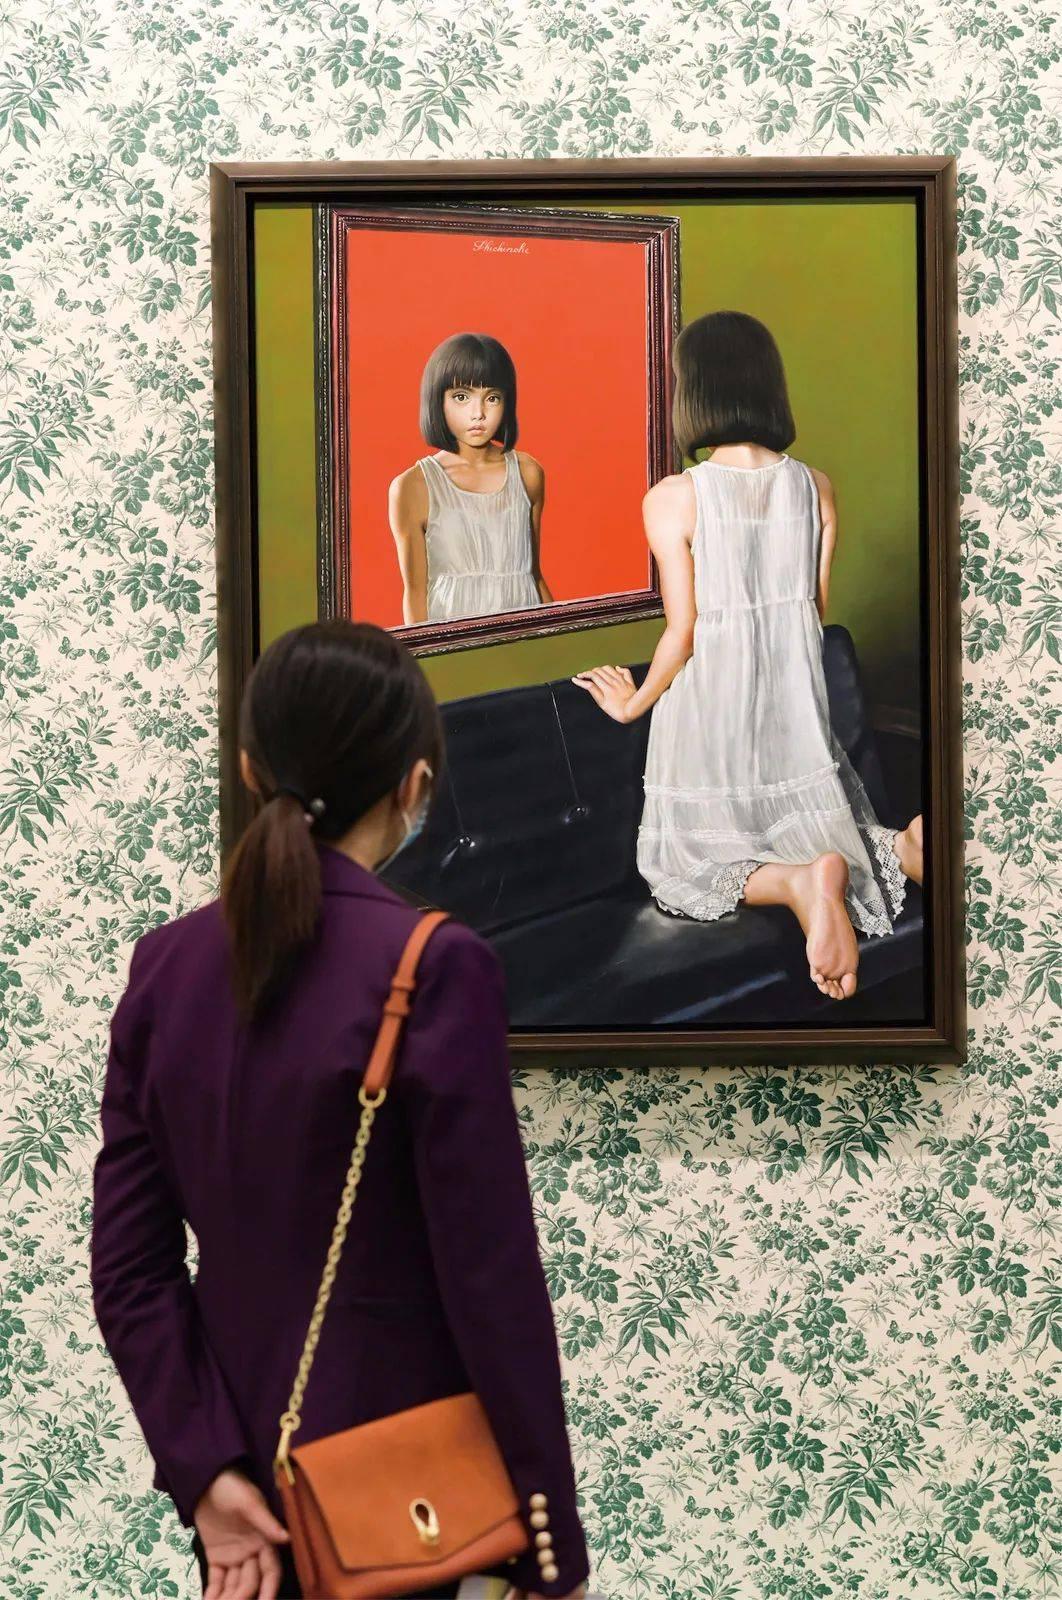 展望艺术之路 新常态_画廊